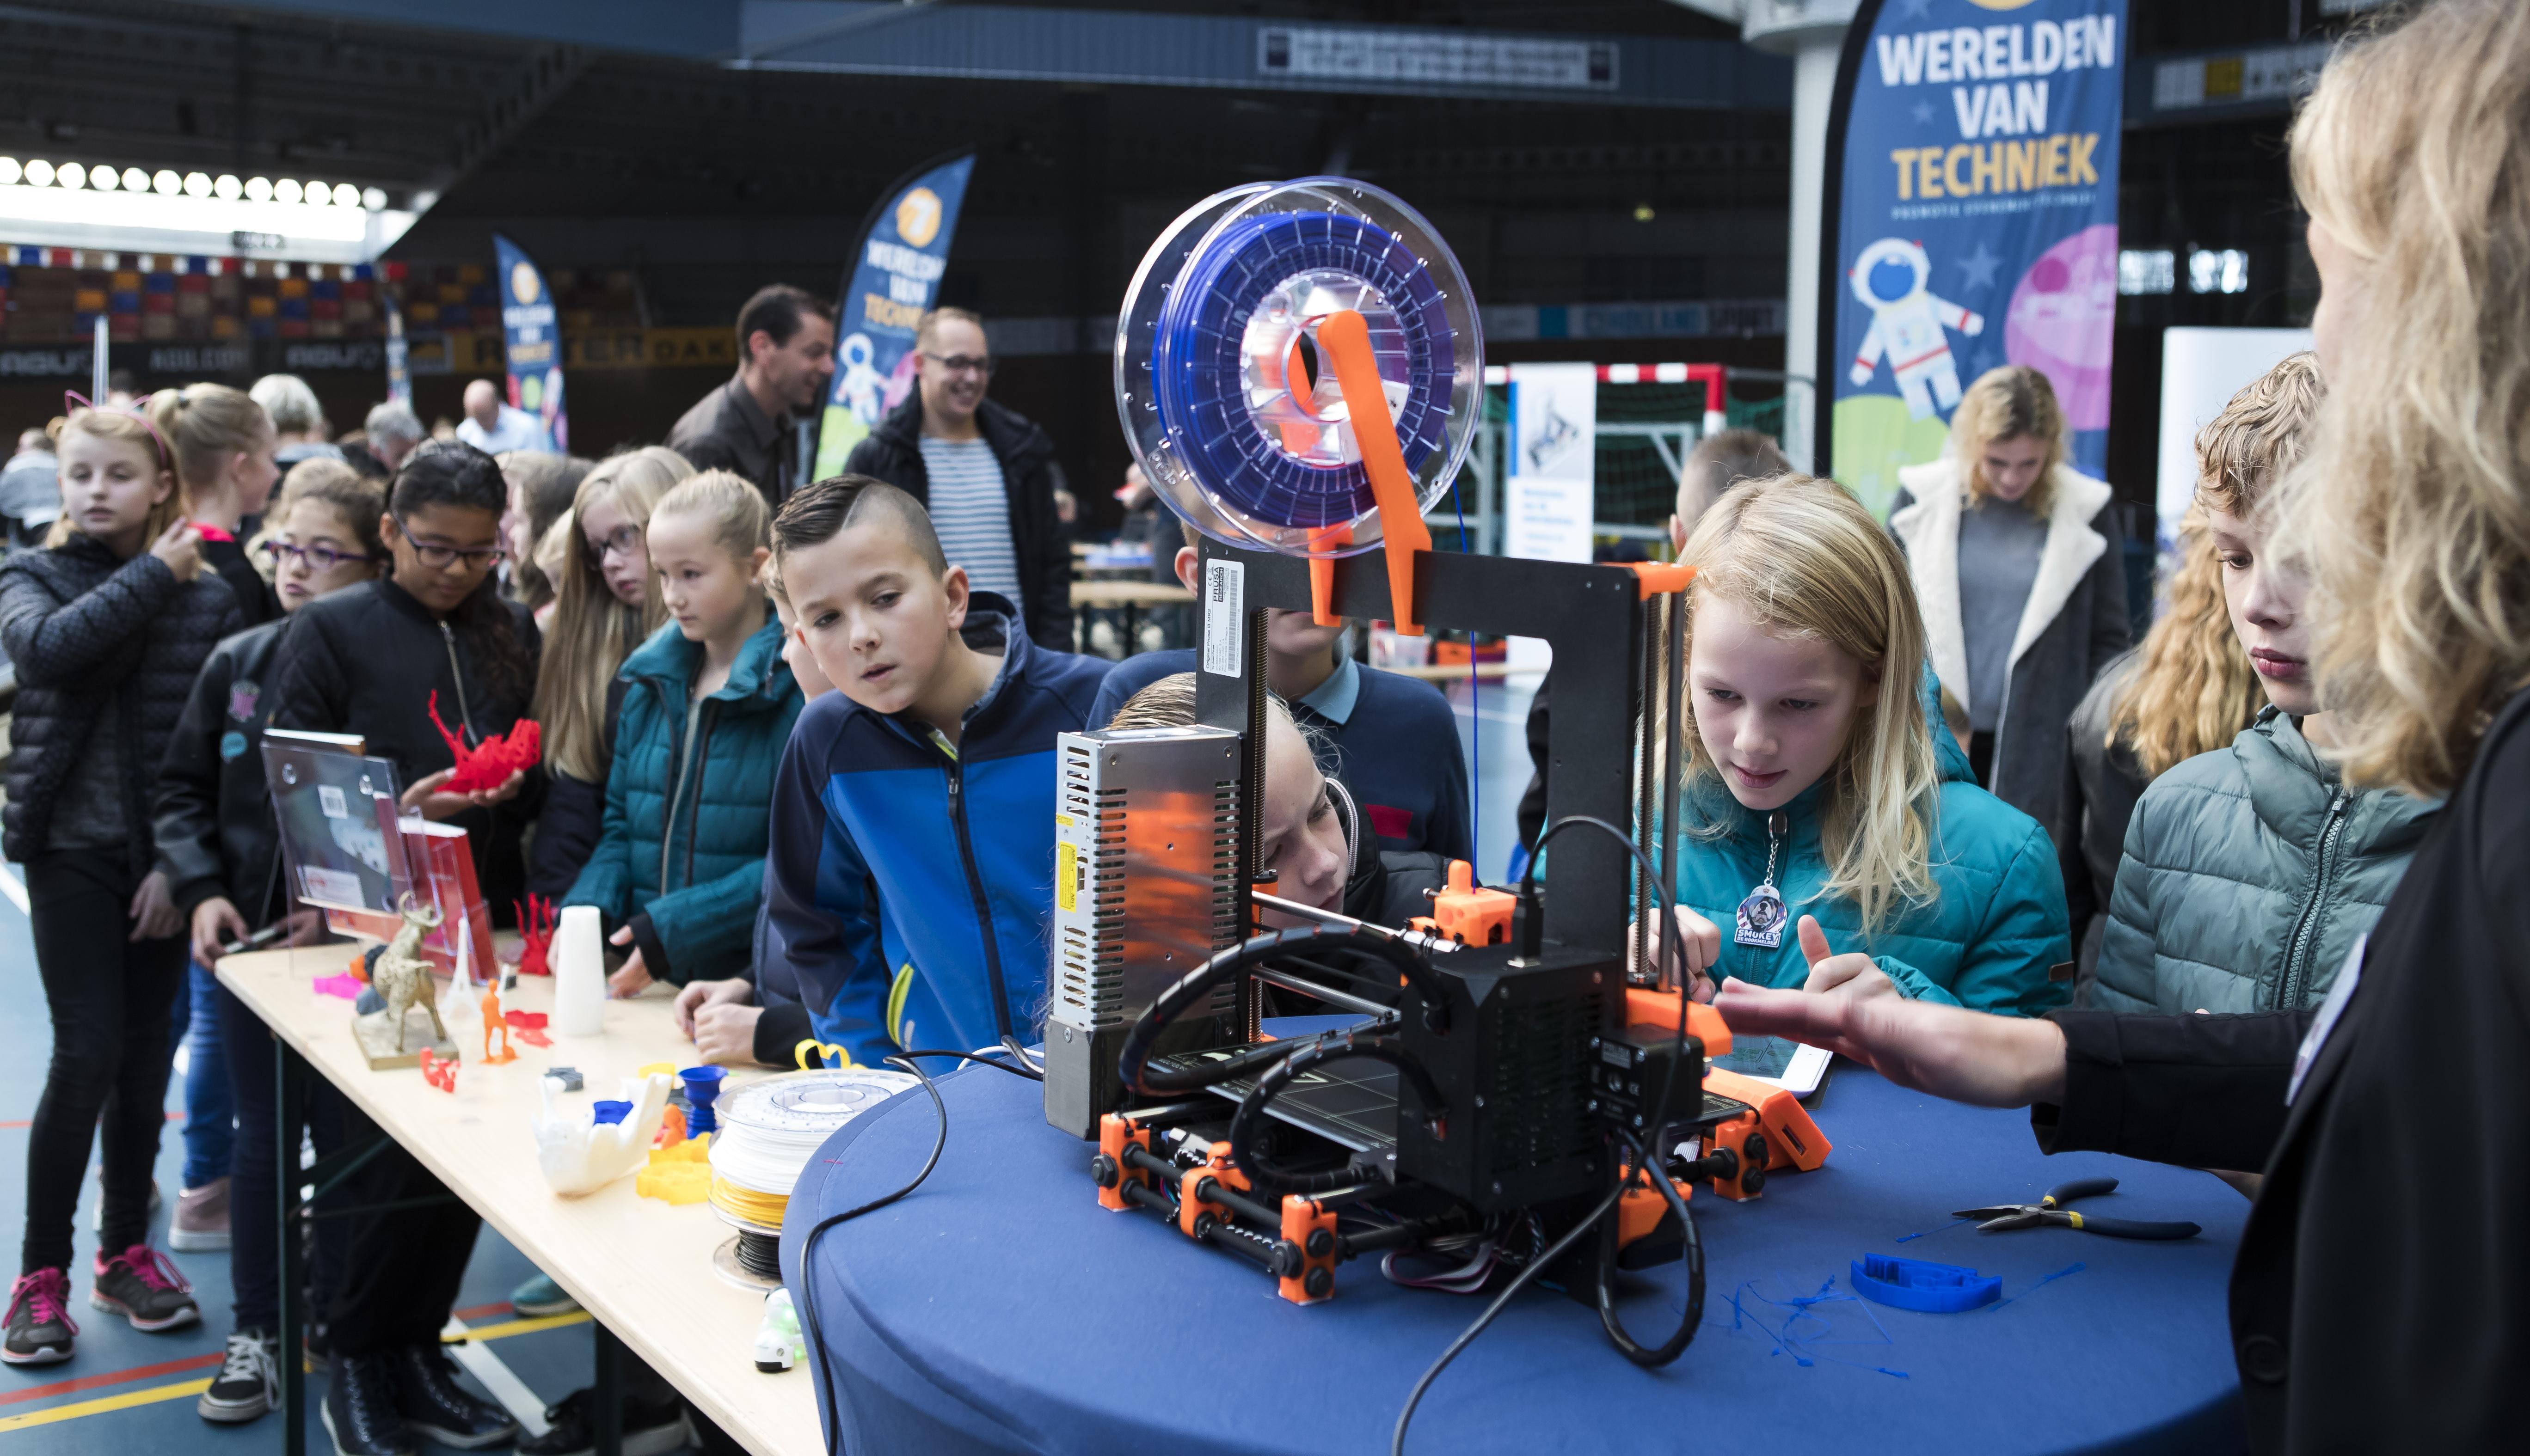 Leerlingen gaan ook aan de slag met 3D-printers. (Foto: PETevents / fotograaf: Koen Suyk)